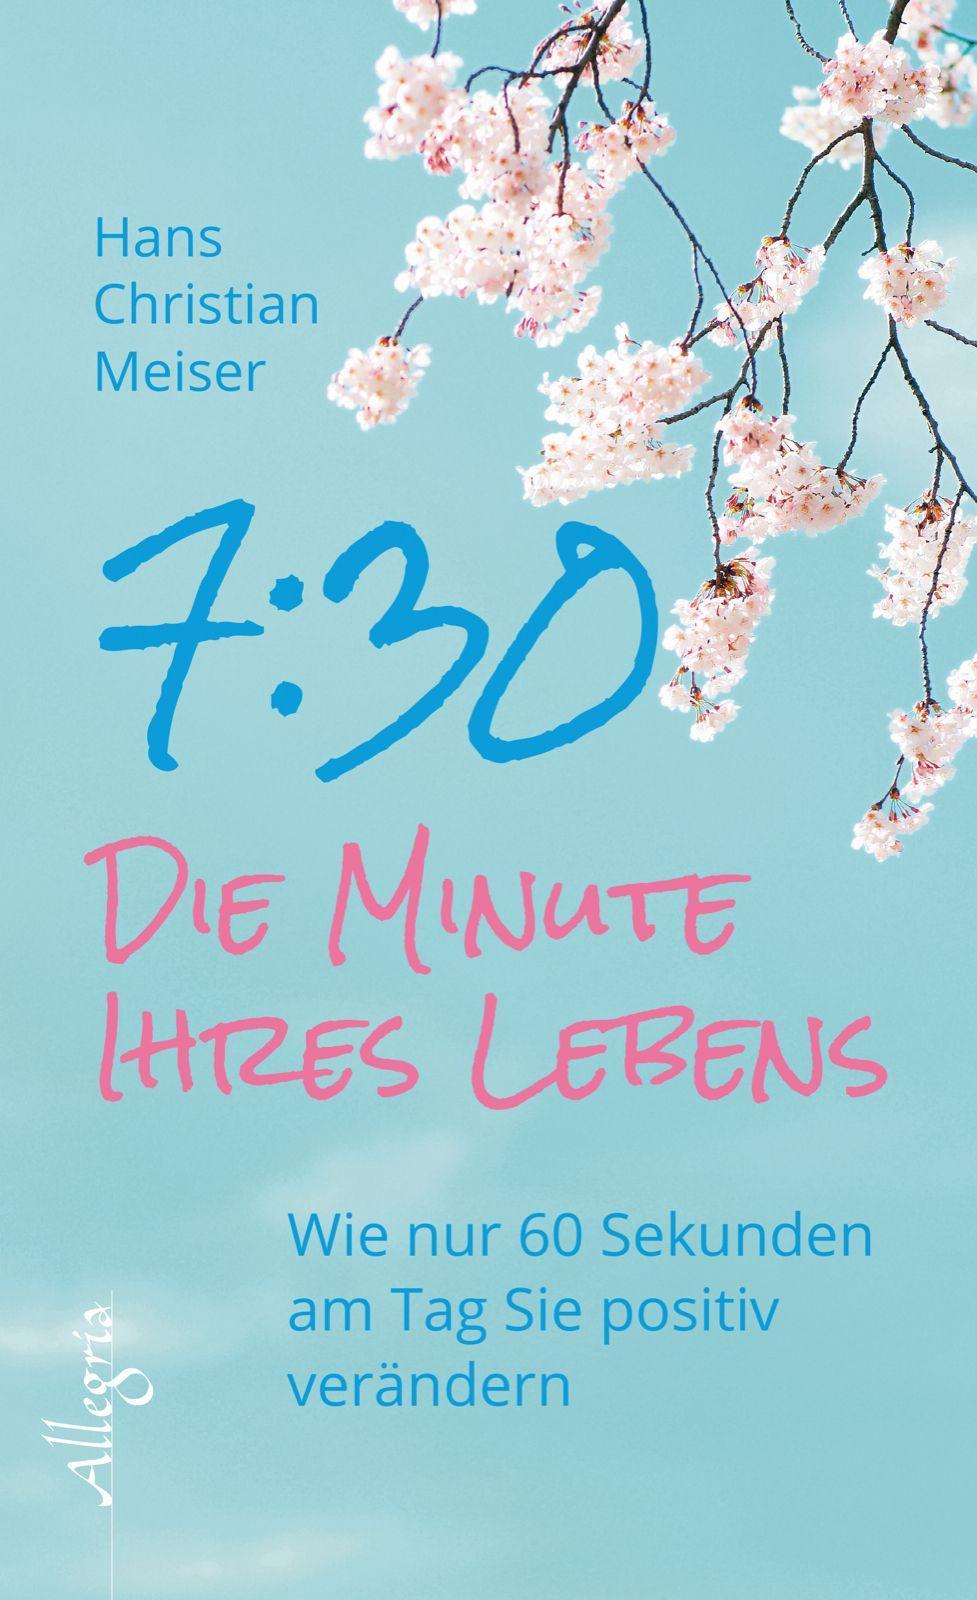 NEU 7:30 - Die Minute Ihres Lebens Hans Christian Meiser 422990